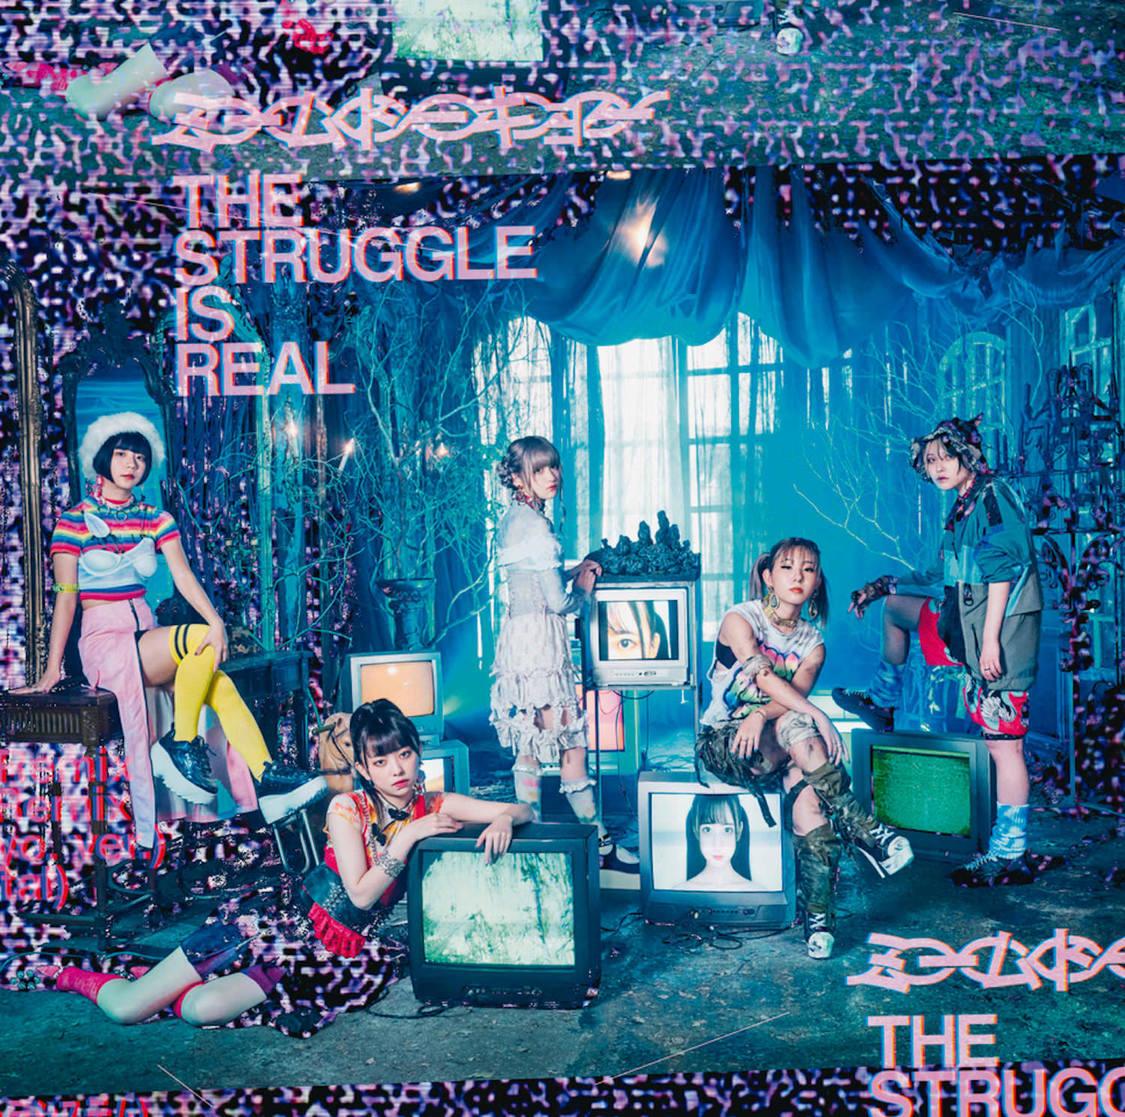 メジャーデビューシングル「THE STRUGGLE IS REAL」ジャケット写真